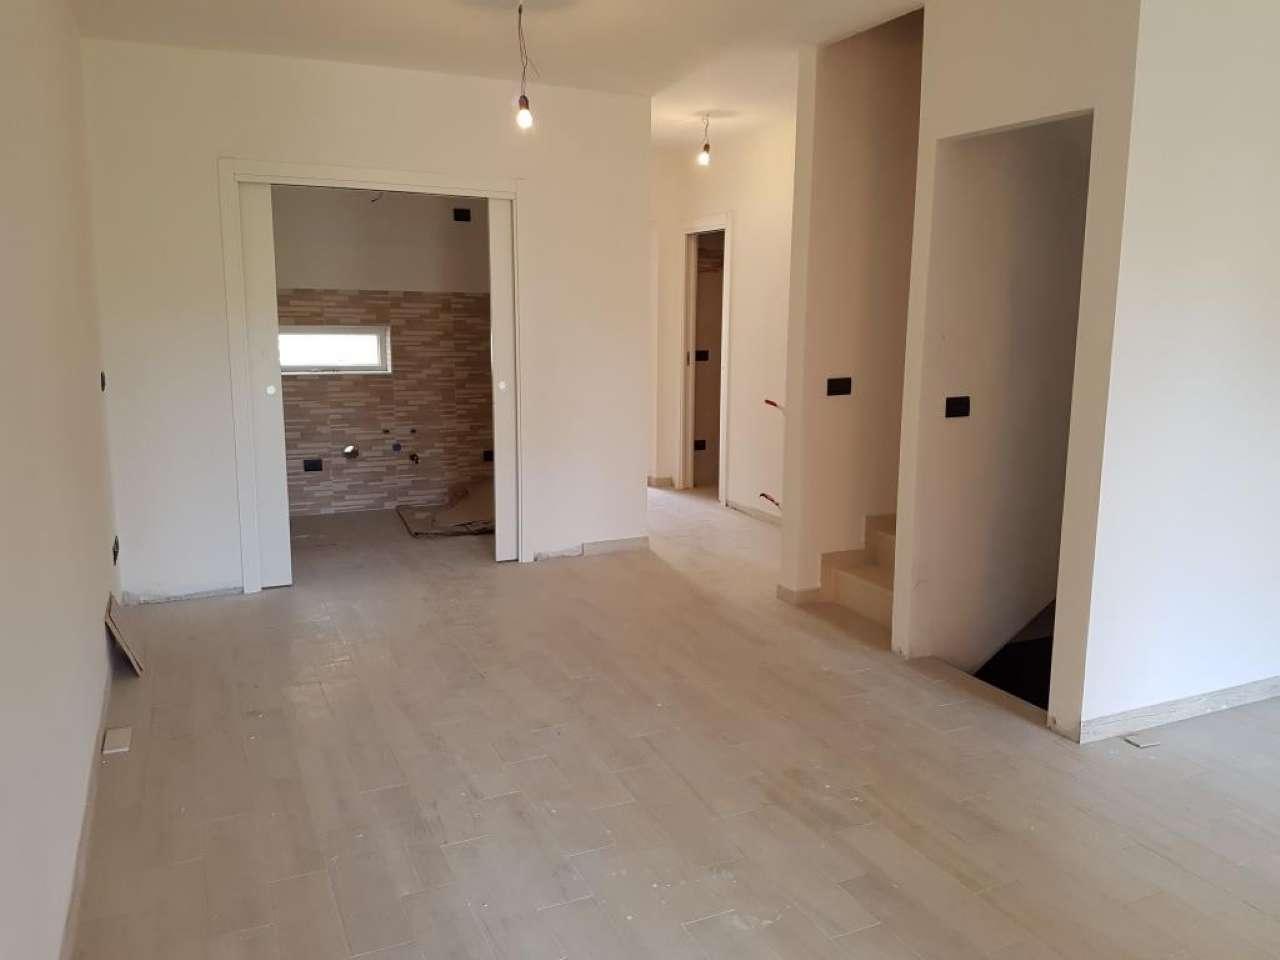 Palazzo / Stabile in vendita a Arcola, 6 locali, prezzo € 300.000 | PortaleAgenzieImmobiliari.it